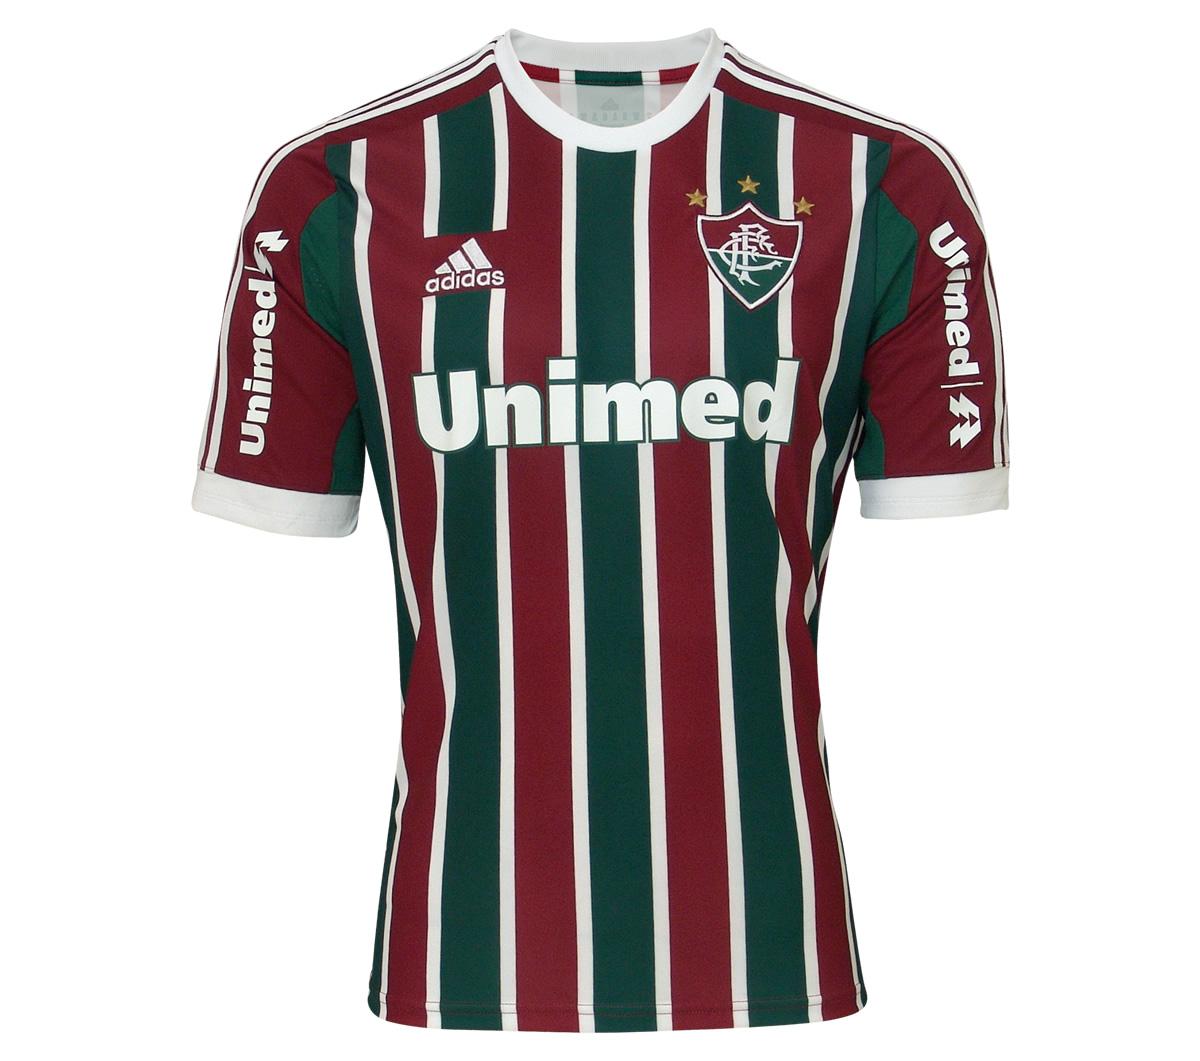 Camisa Fluminense Infantil Oficial adidas Promoção 70% Off